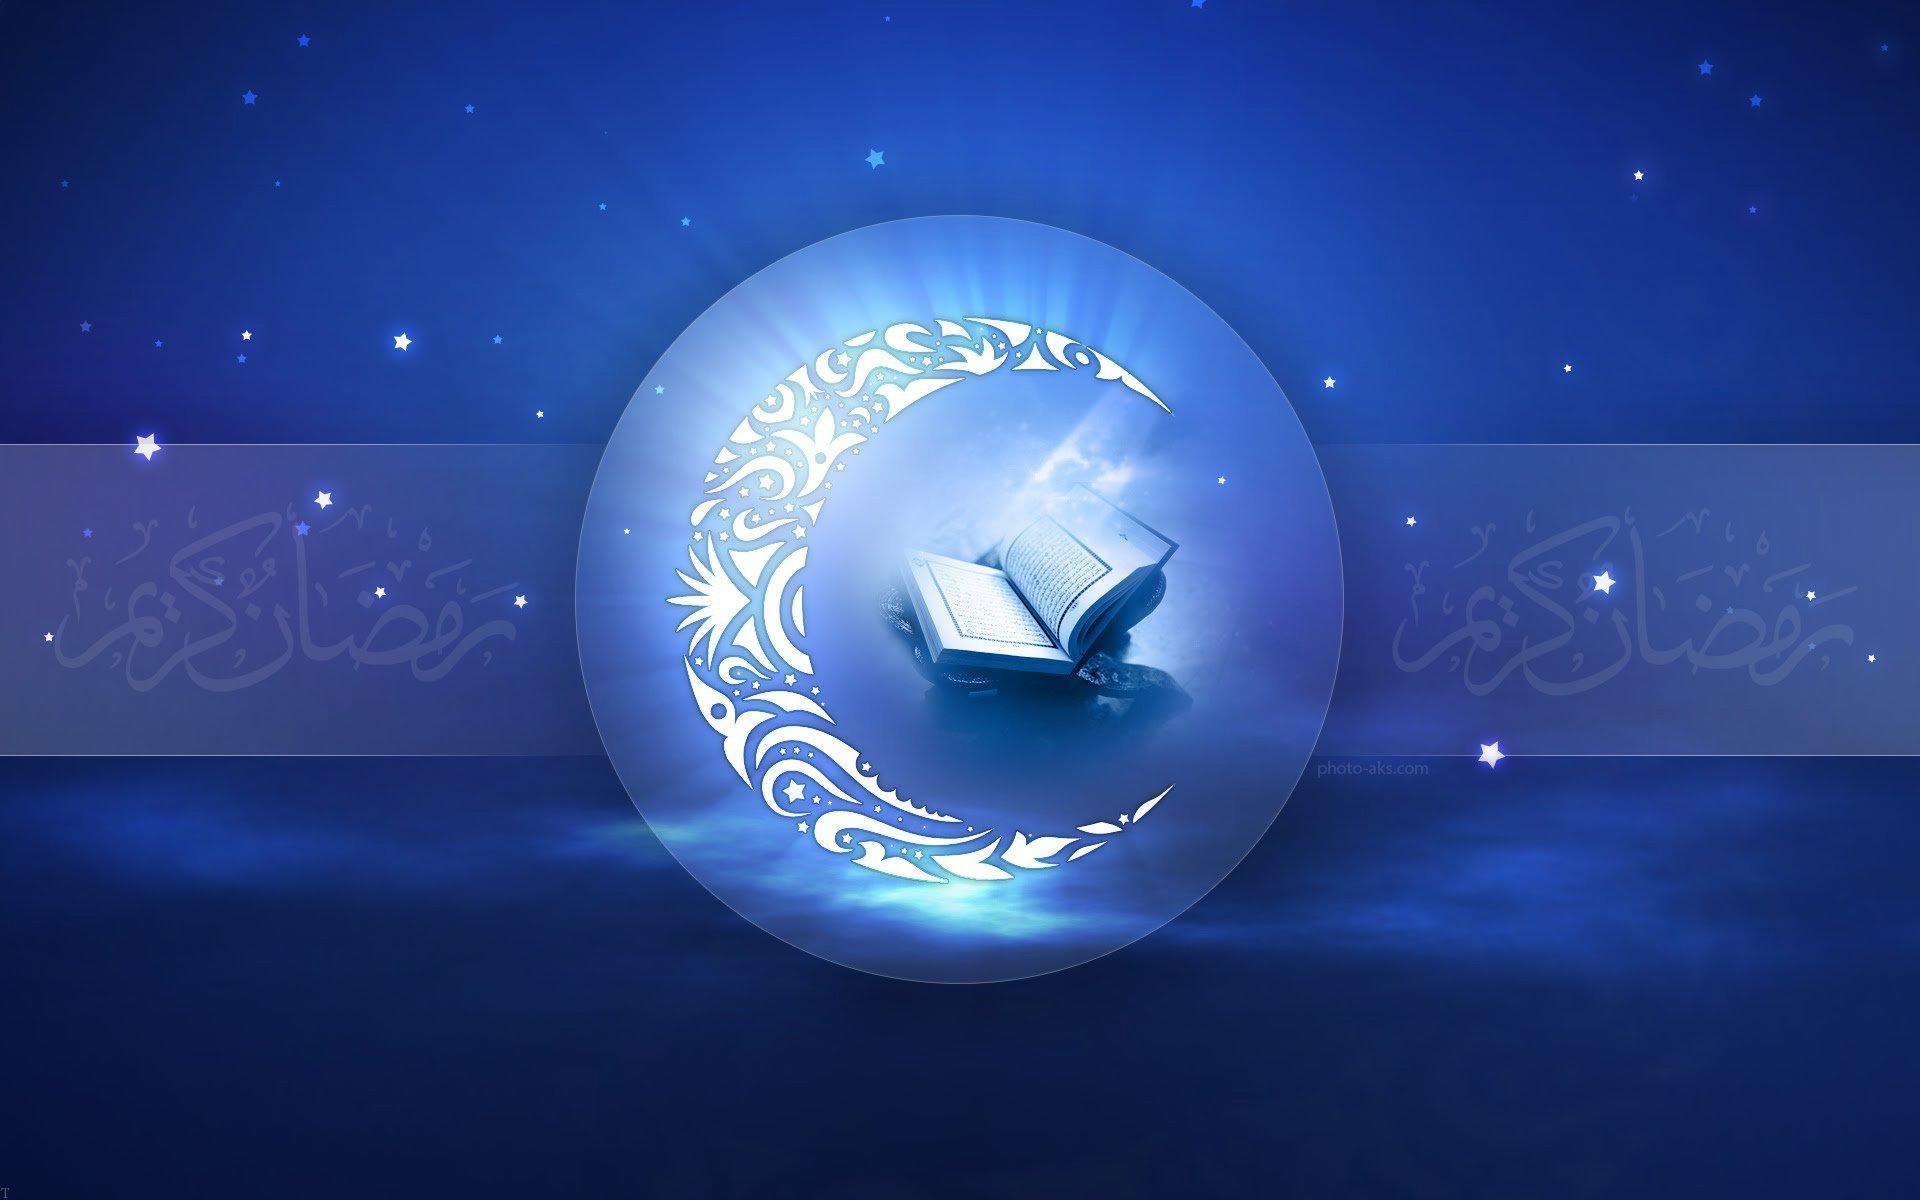 دعای مجرب روز دوم ماه مبارک رمضان